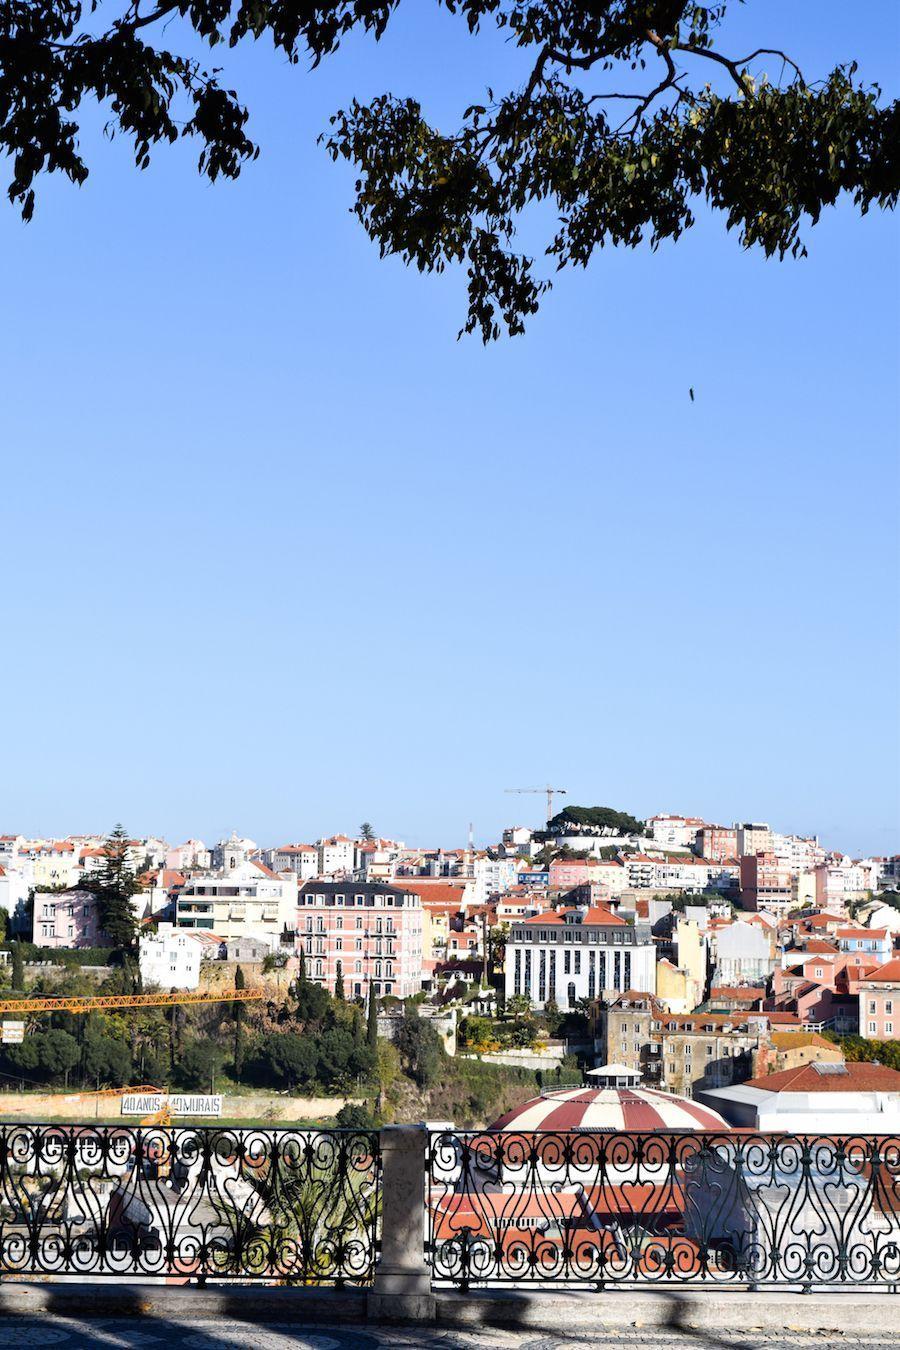 Miradouro de São Pedro de Alcântara, Lisbon Portugal Great View